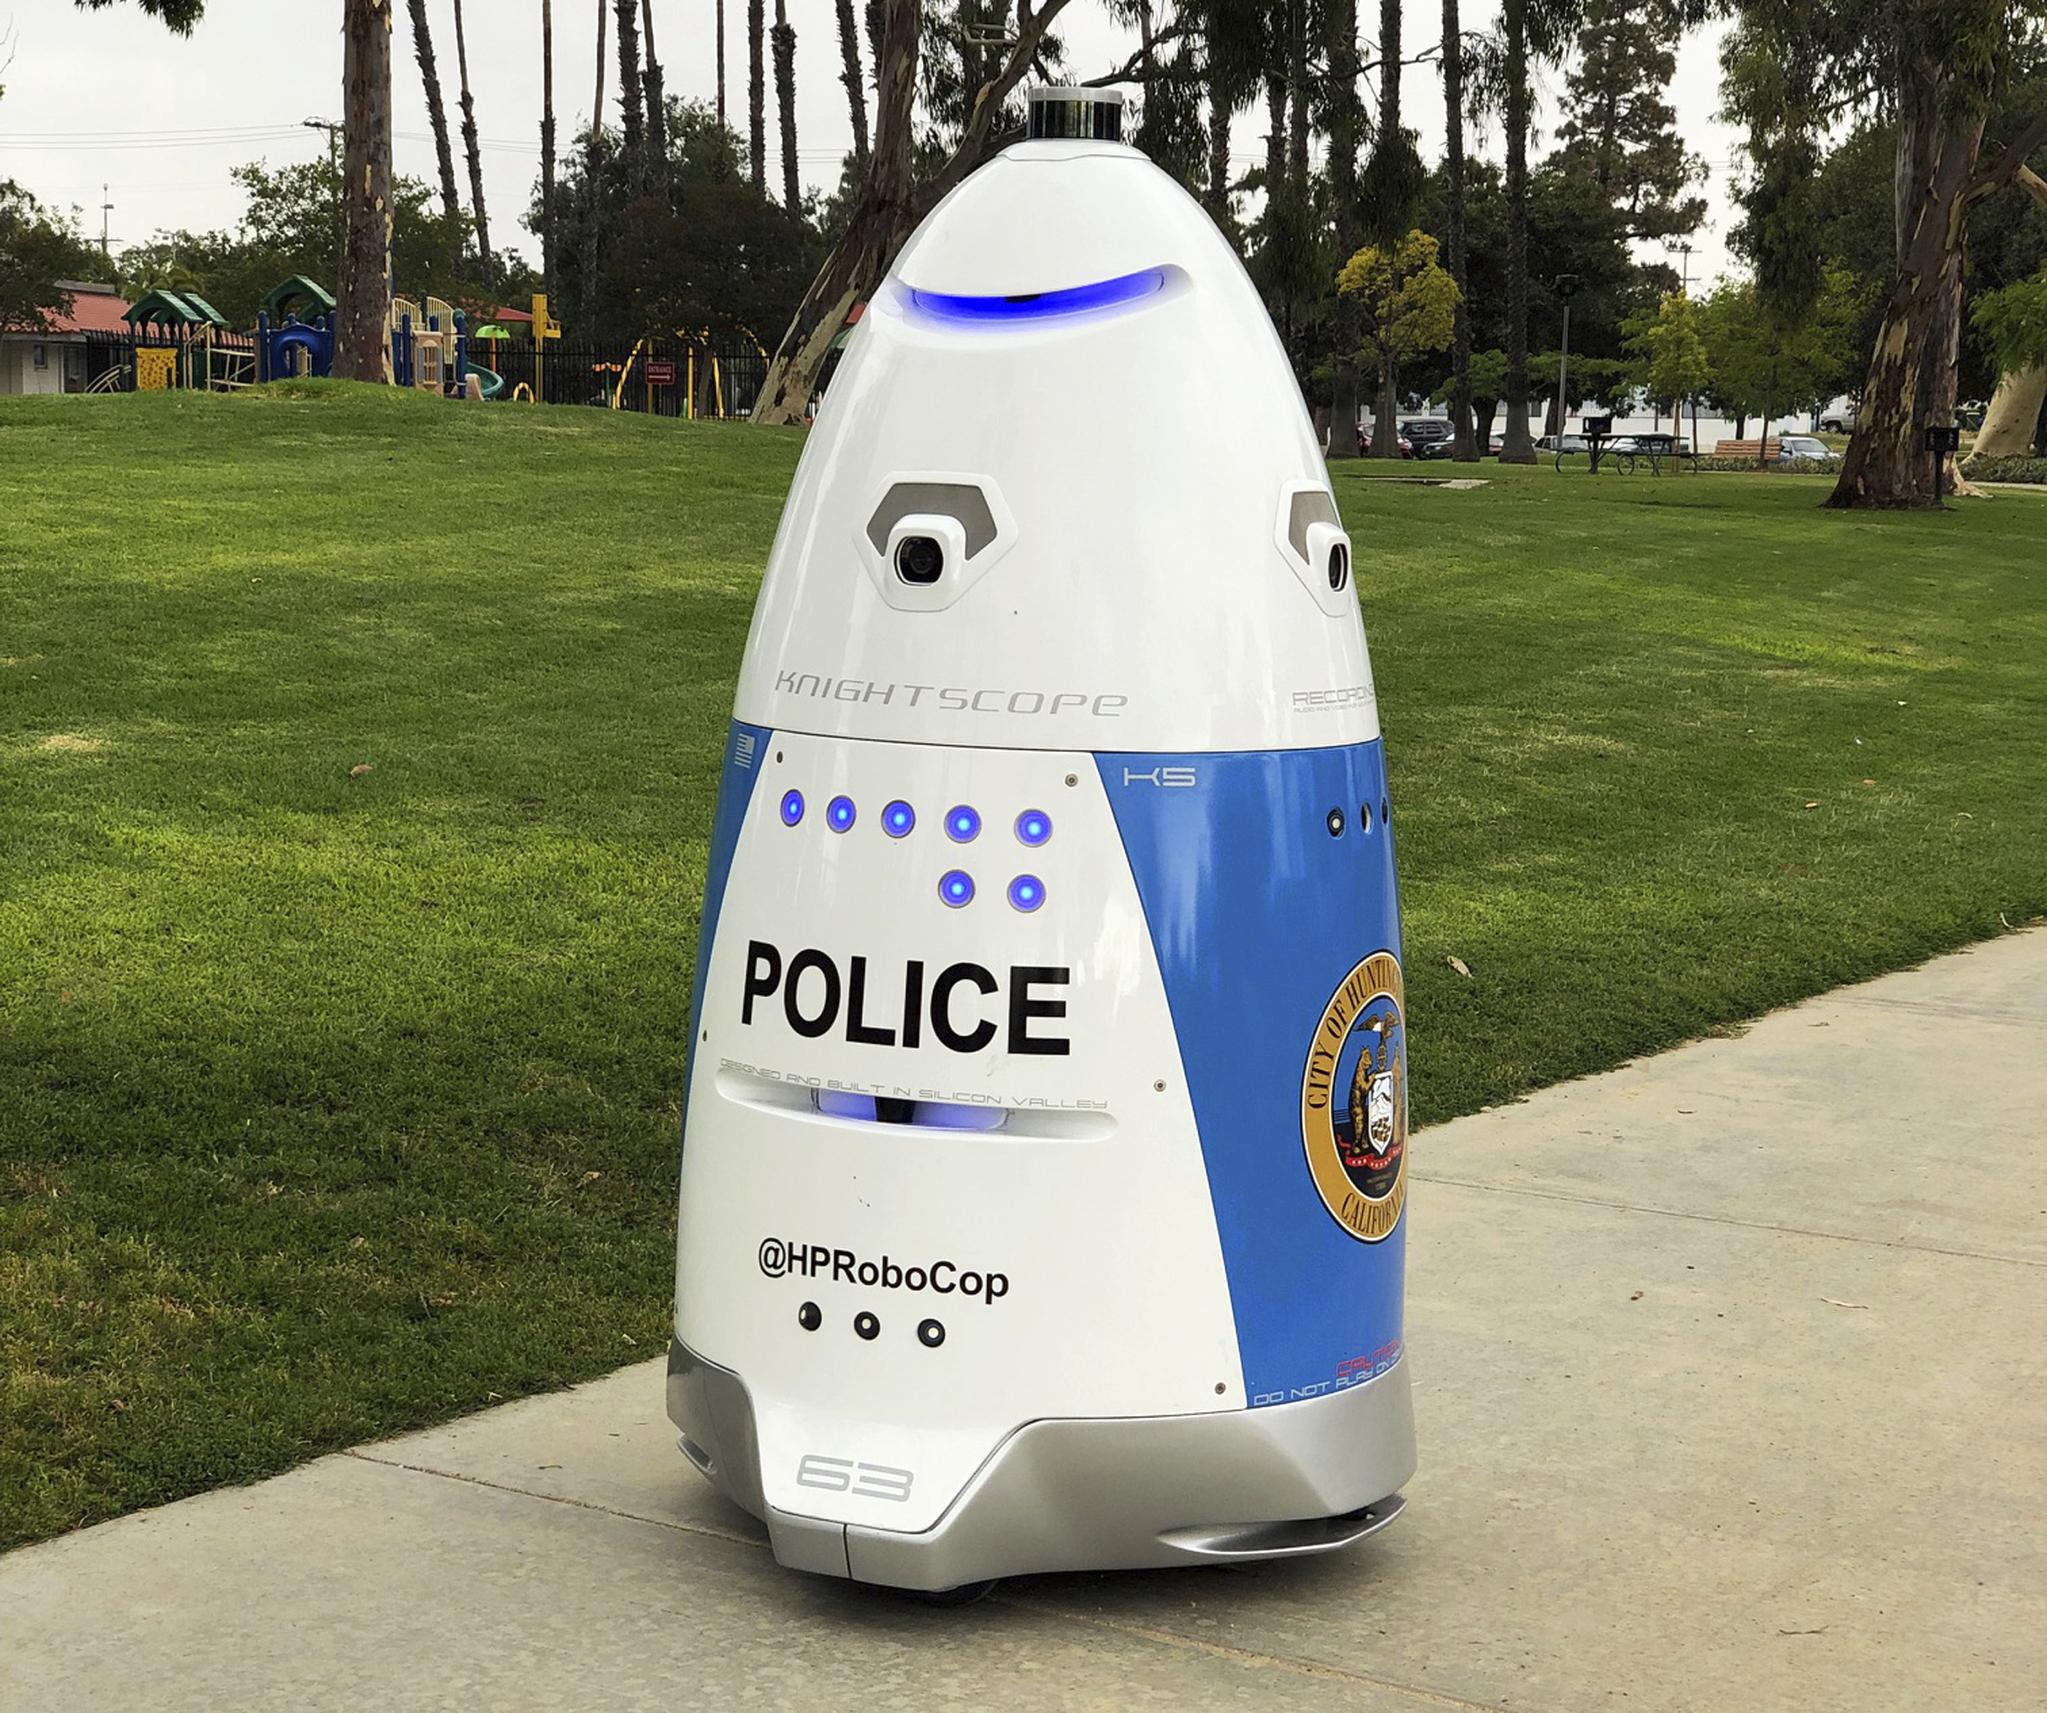 미국 LA 헌링턴 파크에서 순찰로봇 'HP 로보캅'이 순찰을 하고 있다. [AP=연합뉴스]